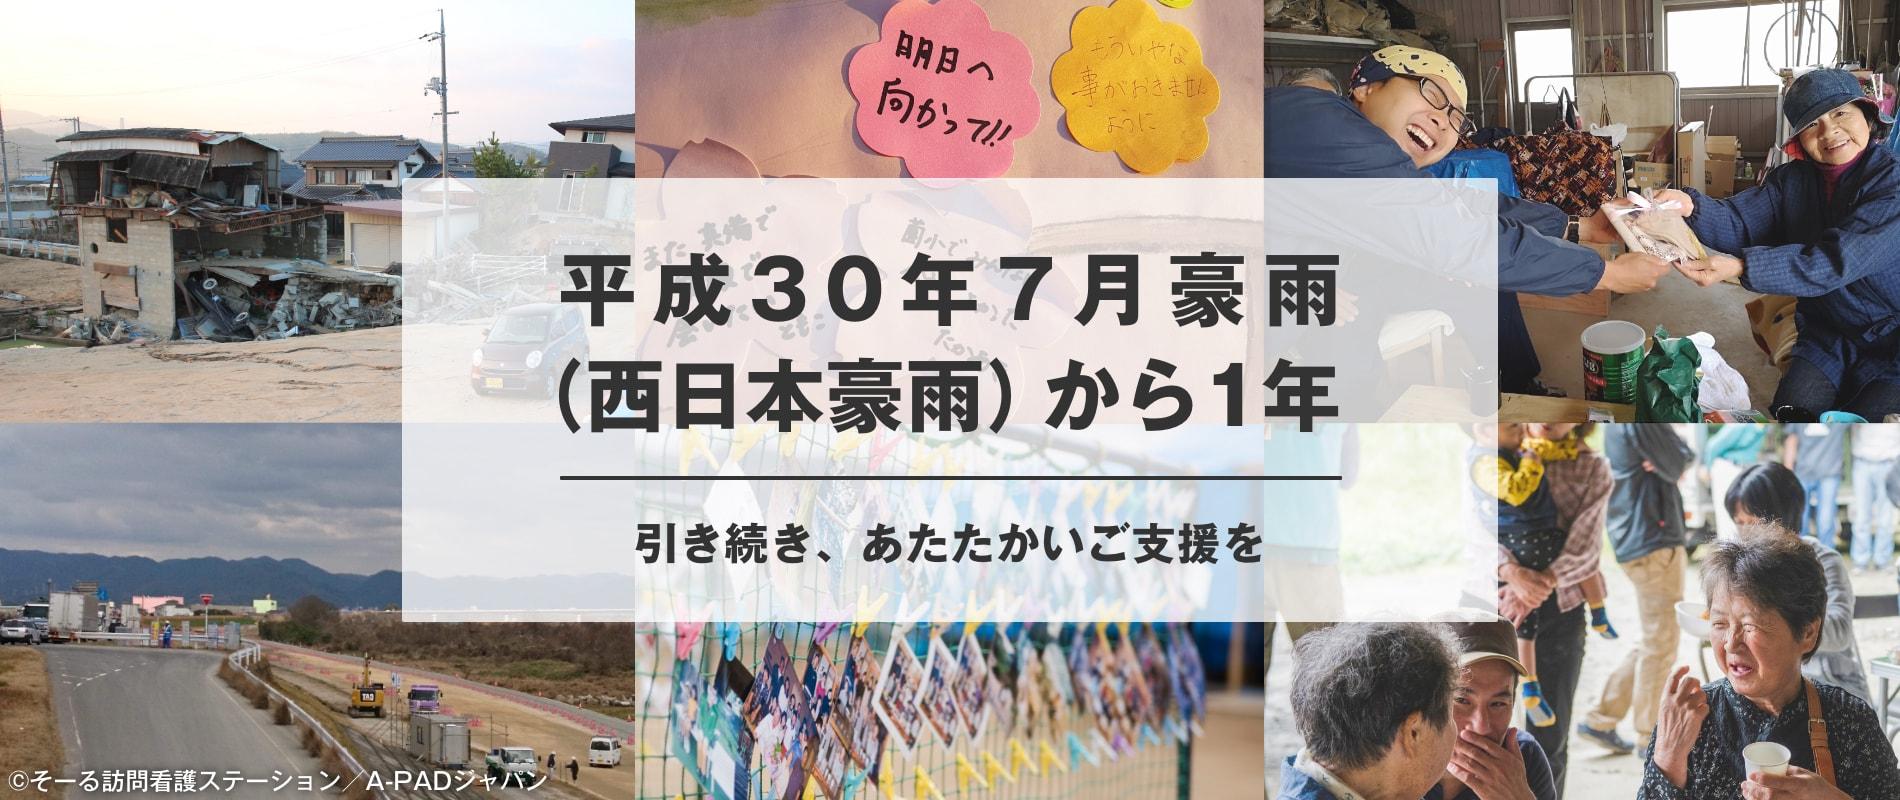 平成30年7月豪雨(西日本豪雨)から1年 引き続き、あたたかいご支援を